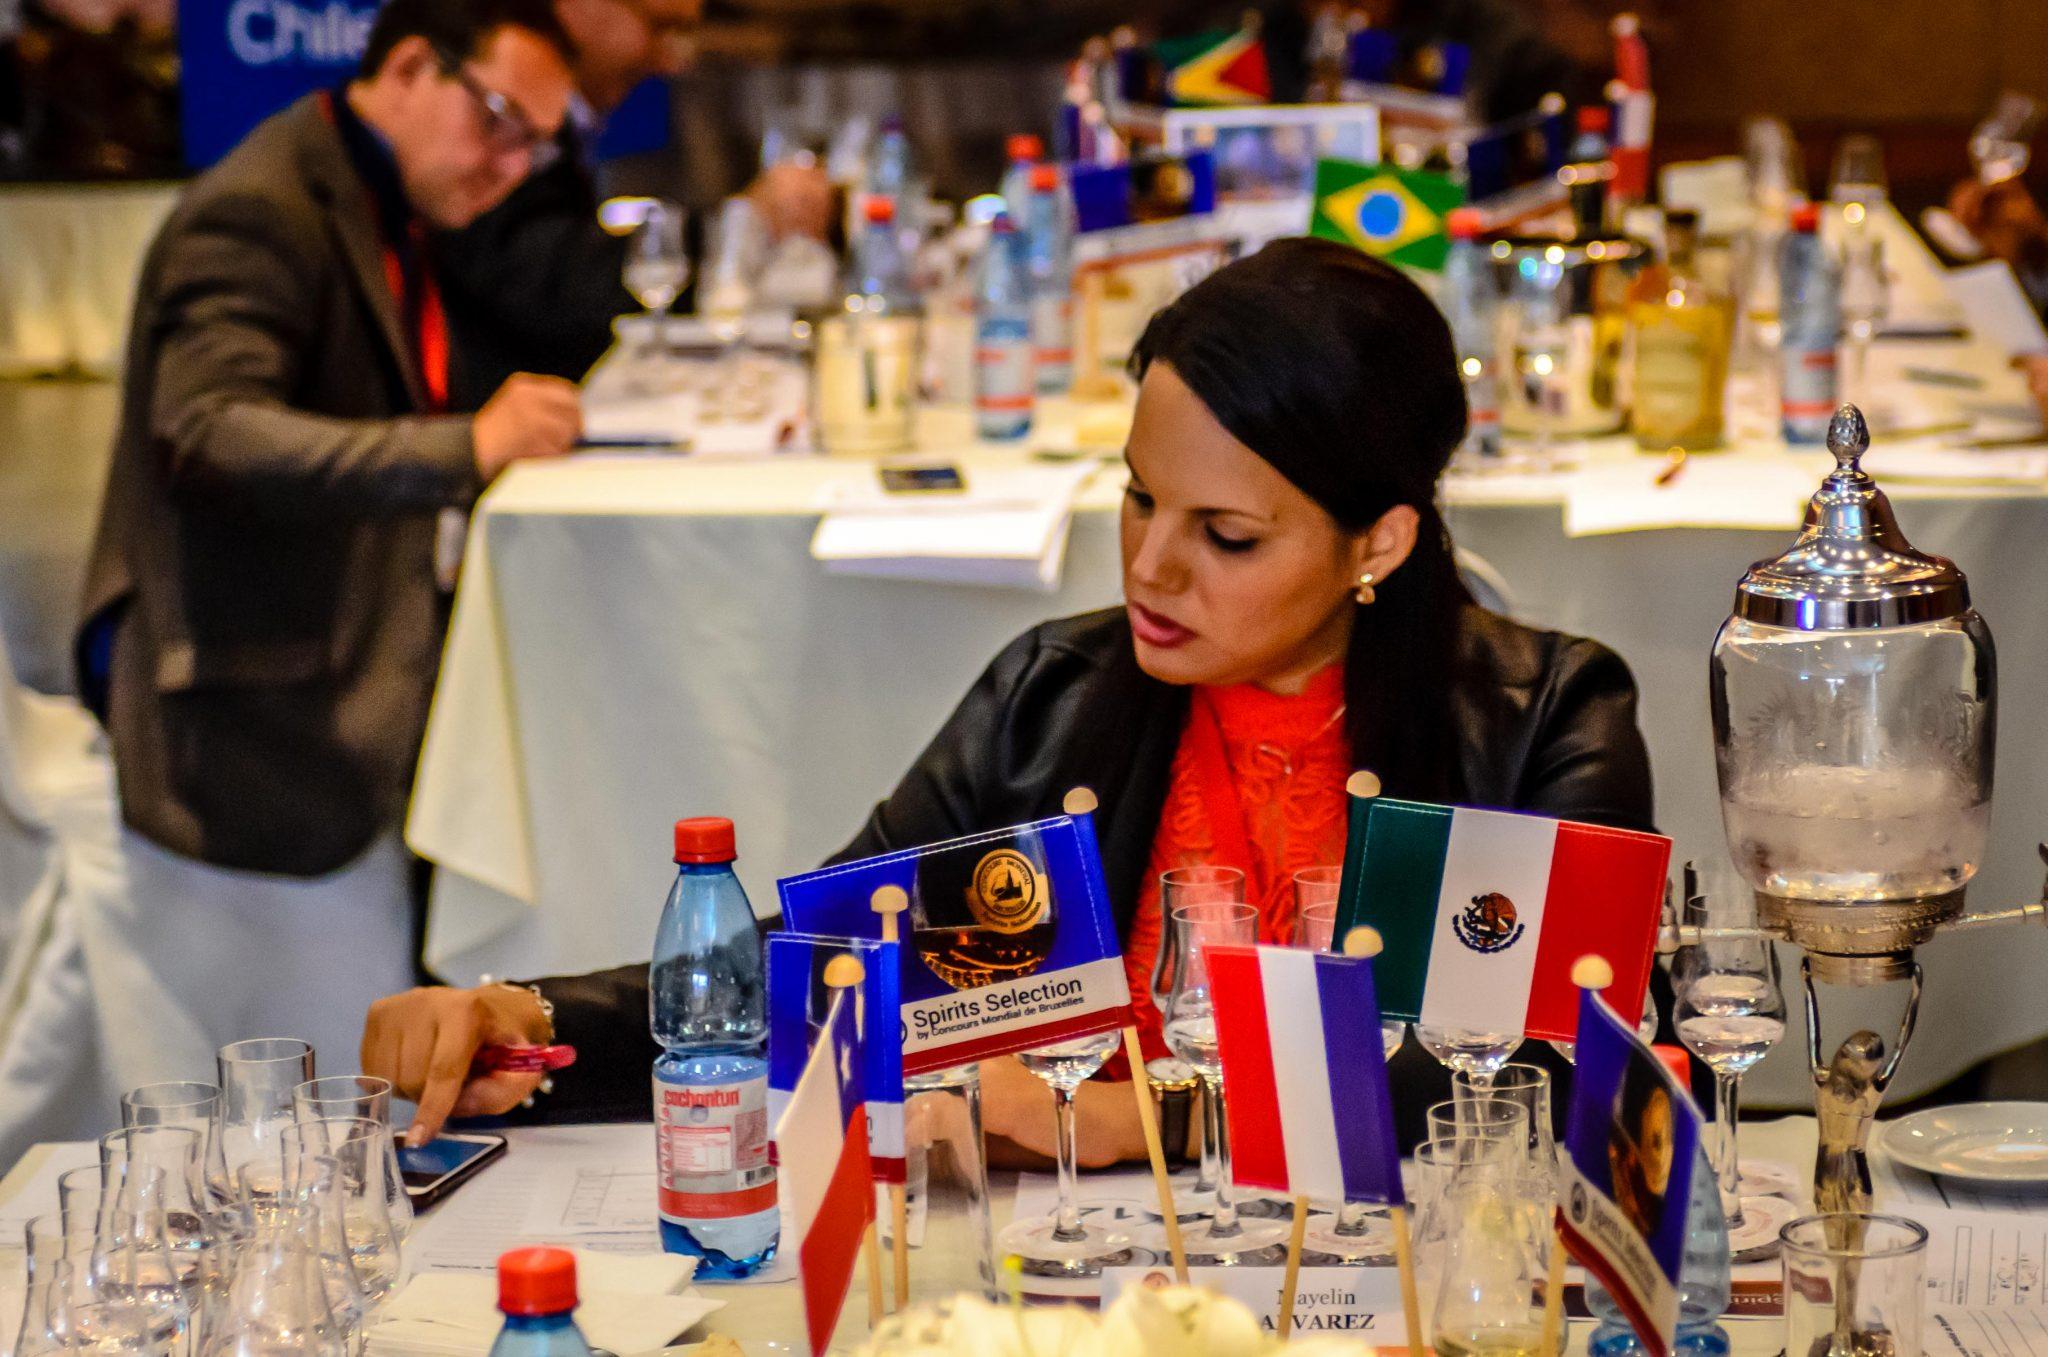 El vermouth berciano Forzudo, comienza su carrera de premios internacionales 2